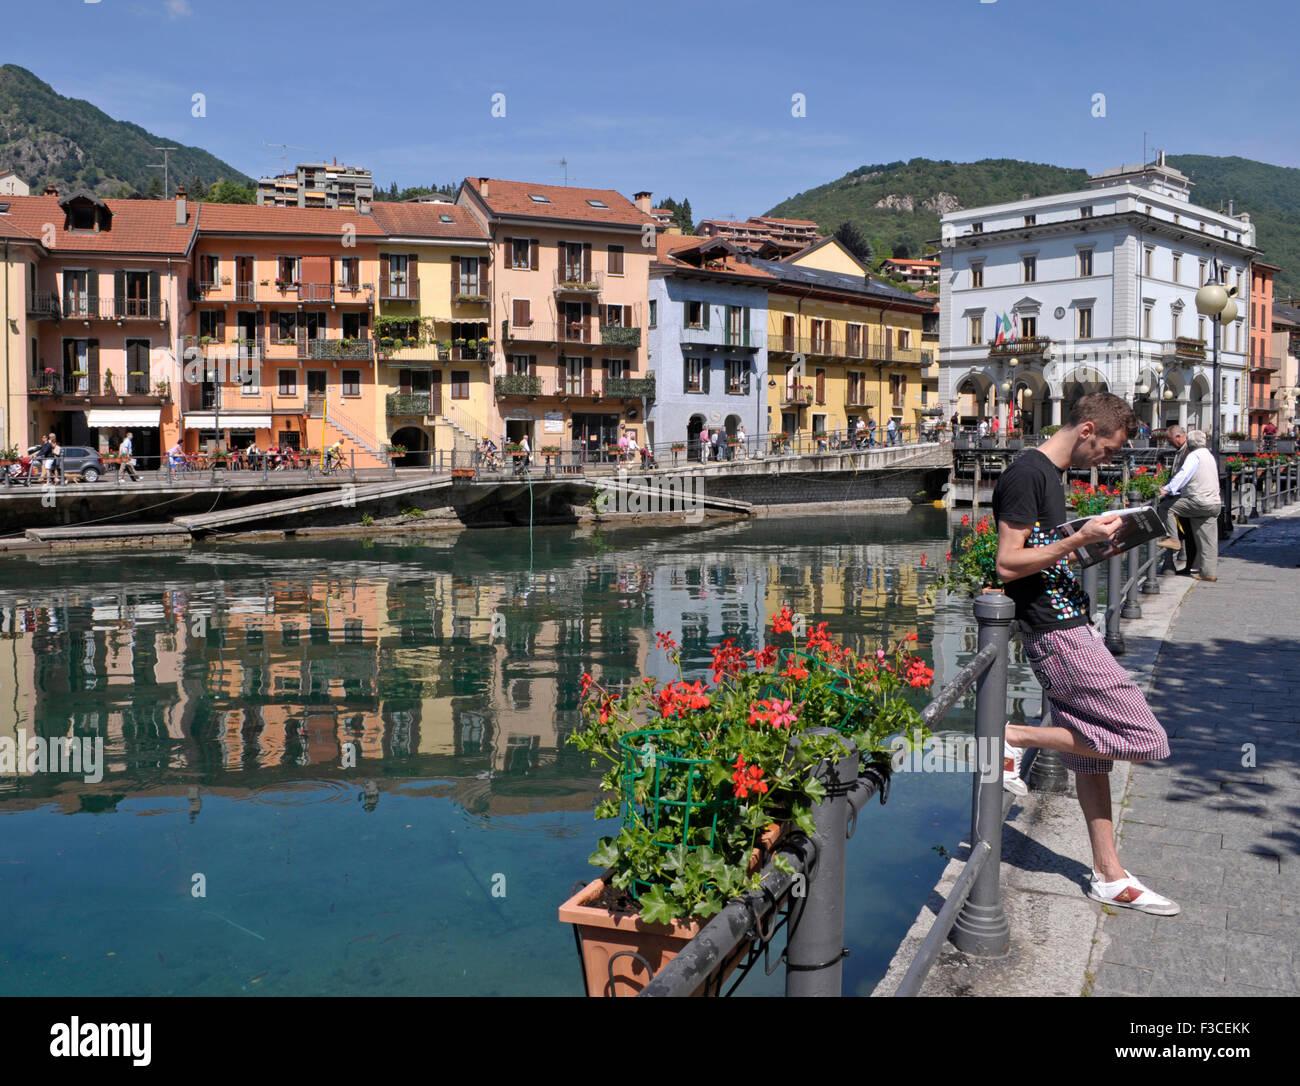 promenade along the river Nigoglia in Omegna, Lake Orta, Piedmont, Italy - Stock Image